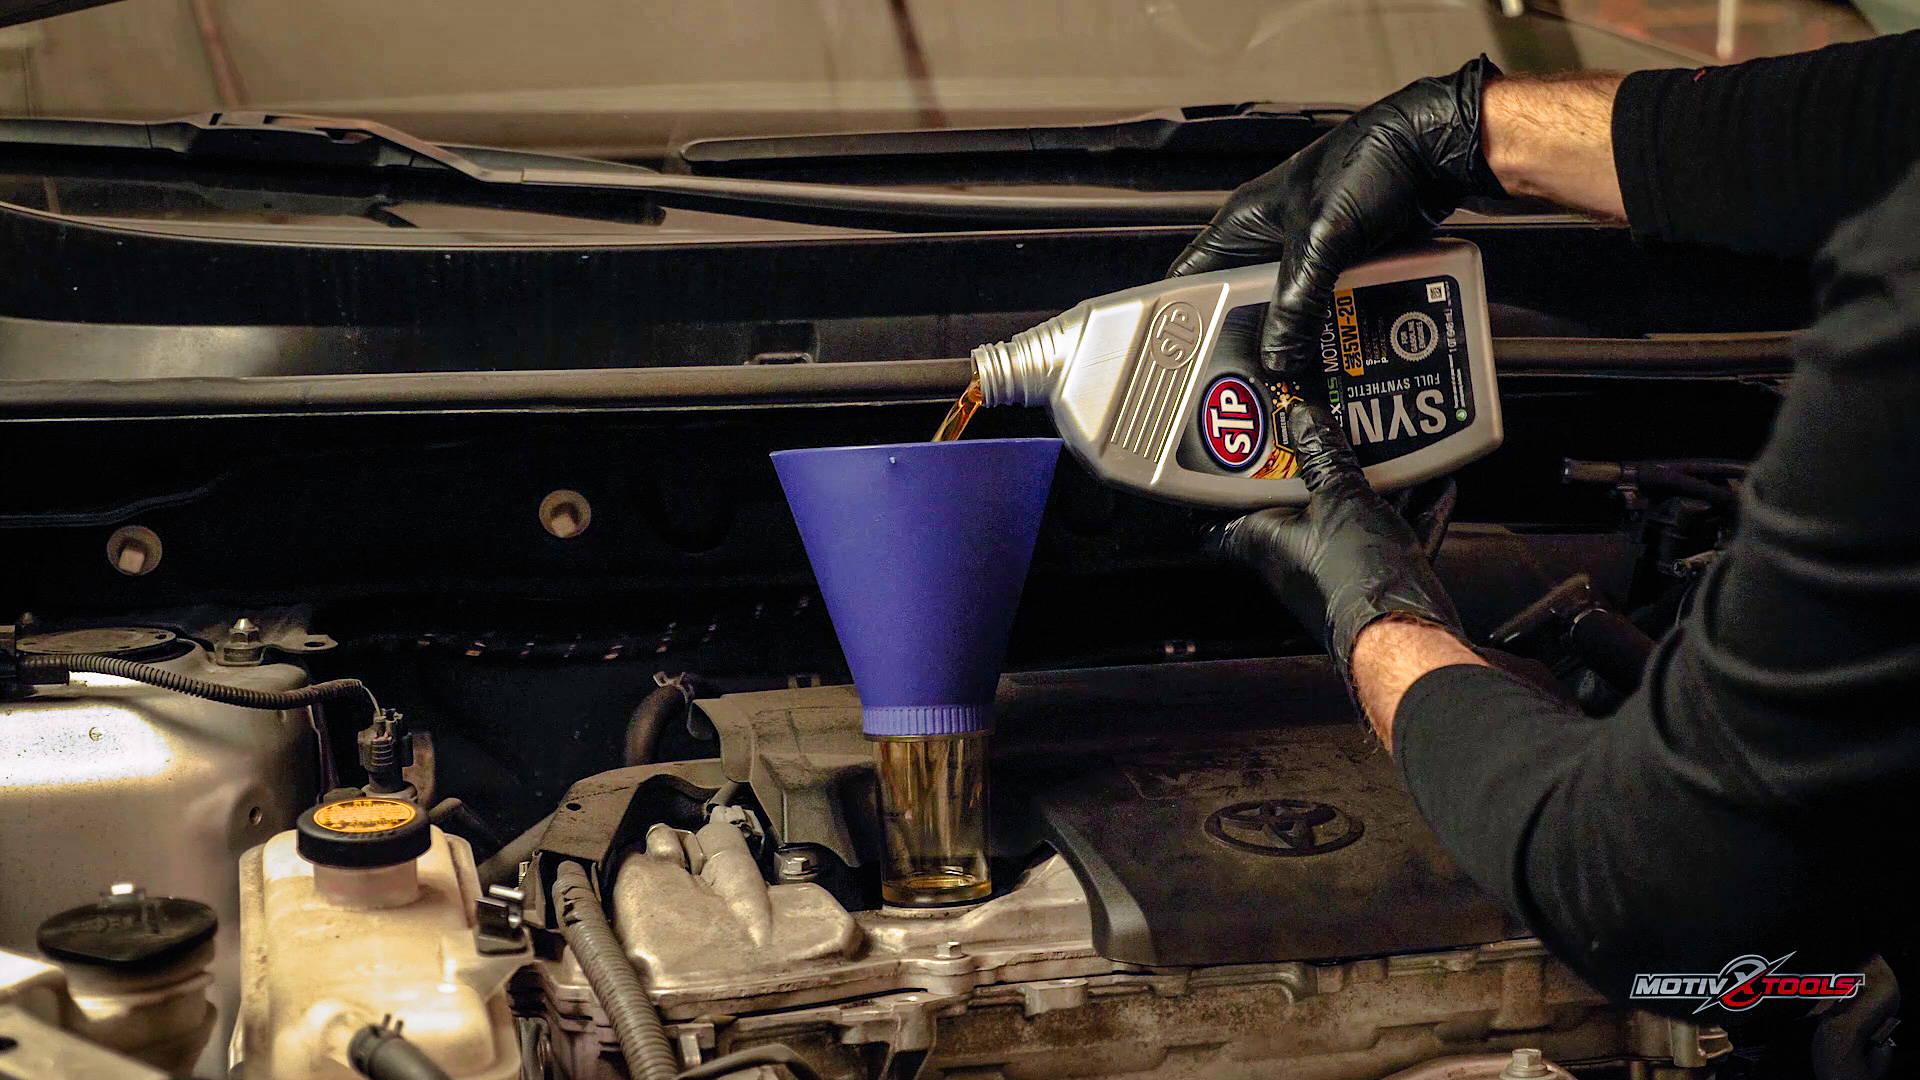 2009-2018 Toyota RAV4 Oil Change Guide - Motivx Tools